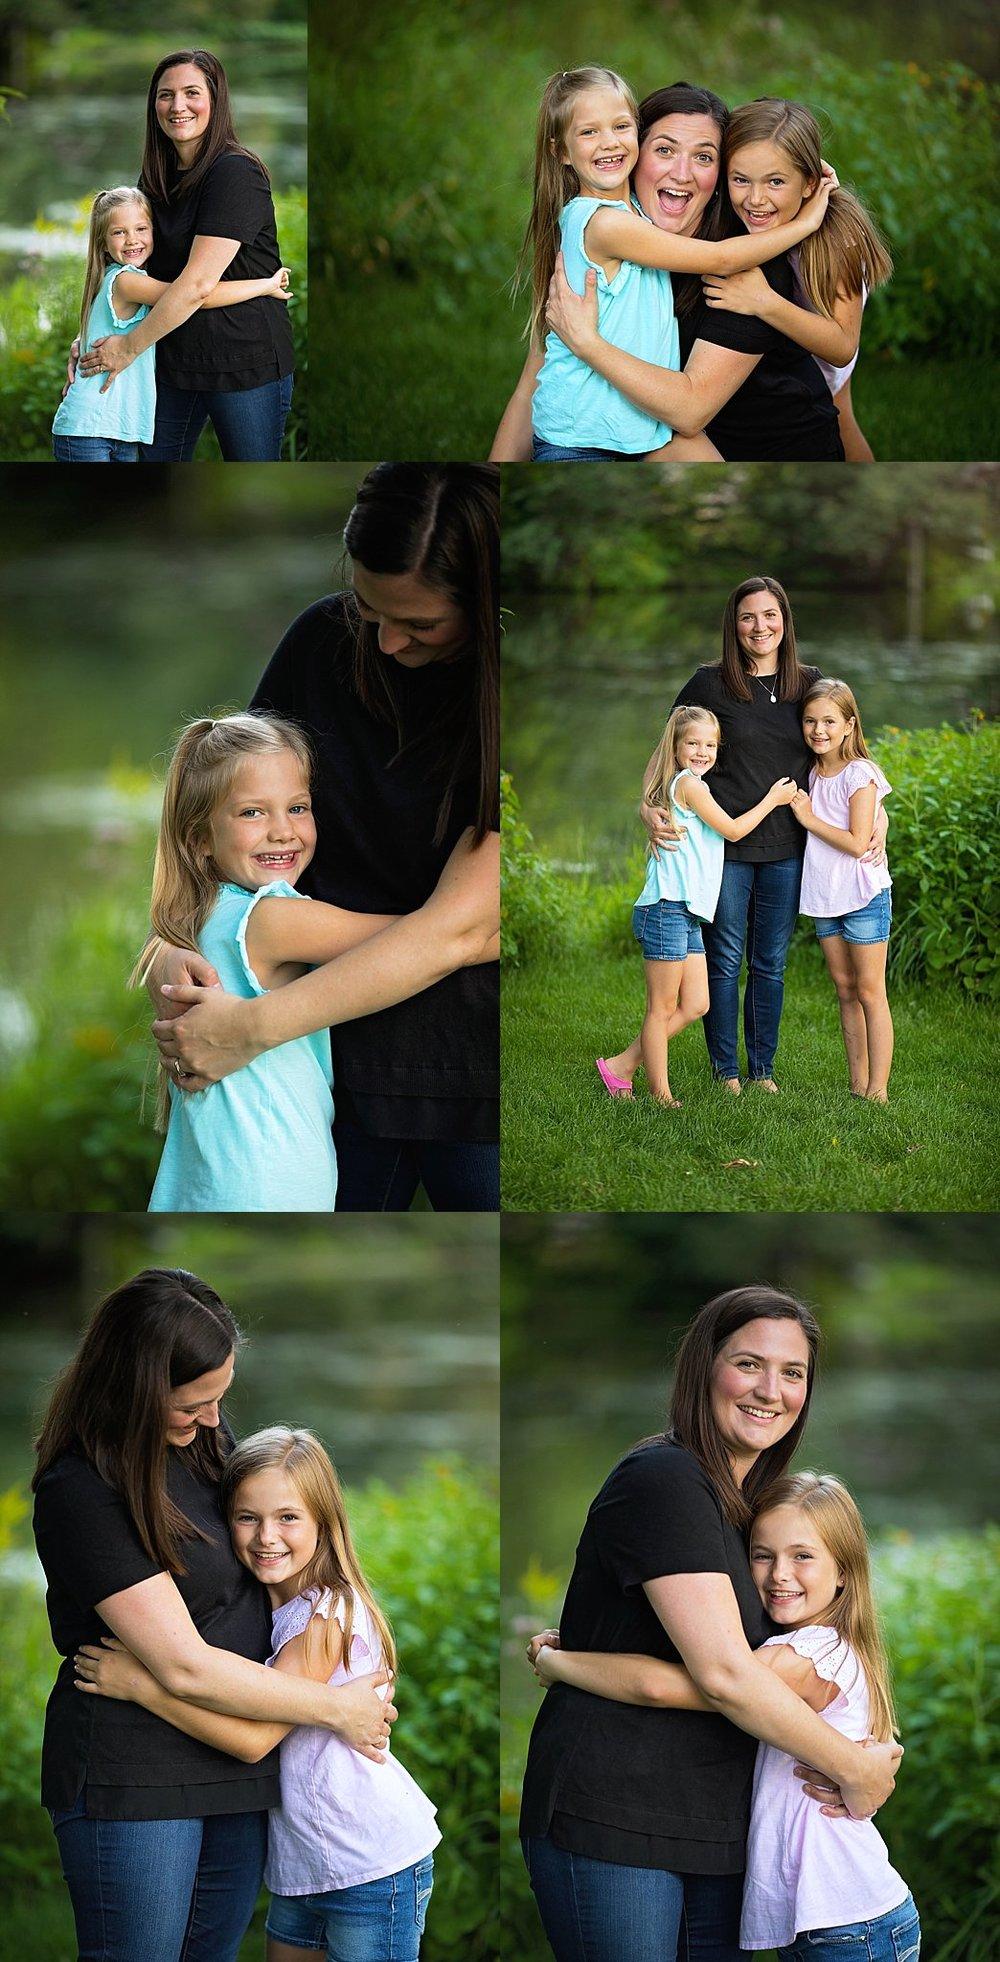 Family Photos Ottawa